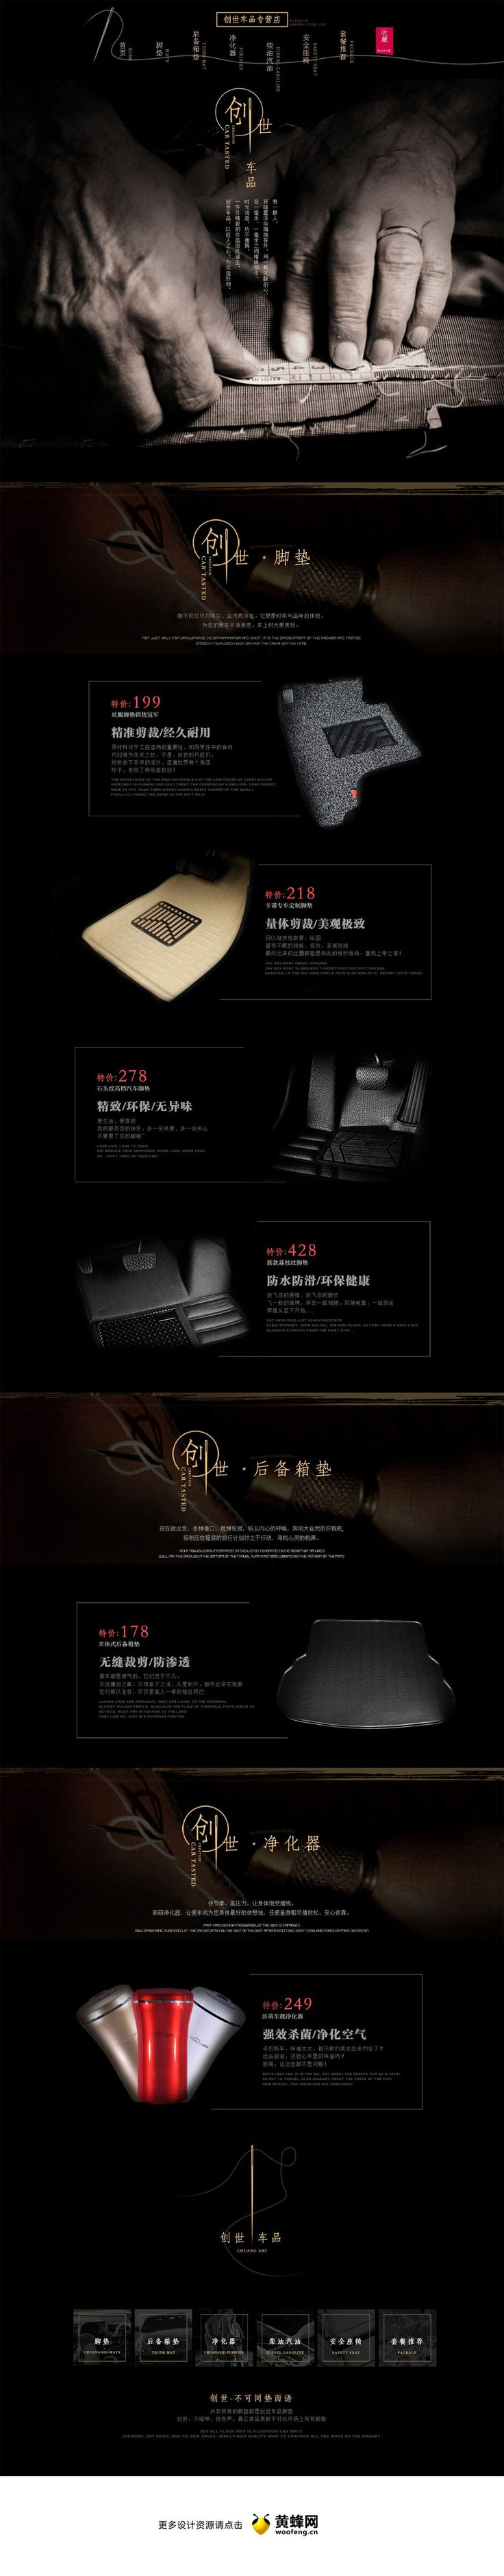 创世车品汽车用品专题,来源自黄蜂网http://woofeng.cn/